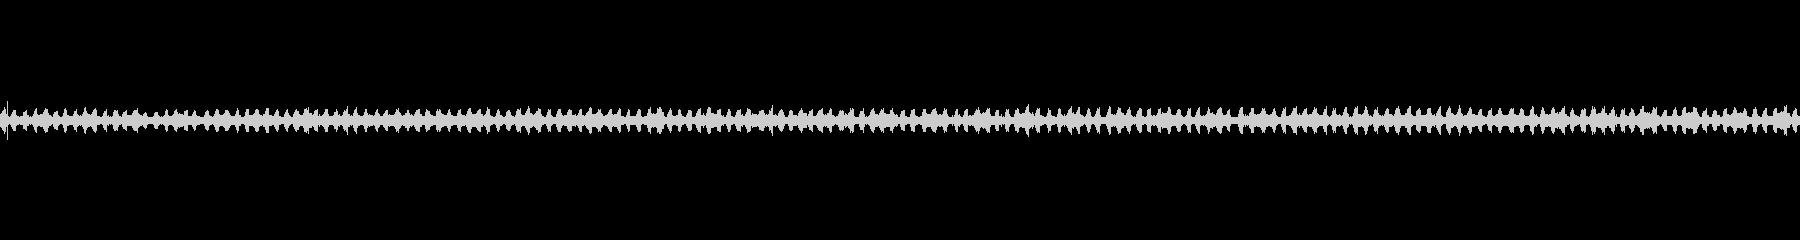 虫の鳴き声3の未再生の波形